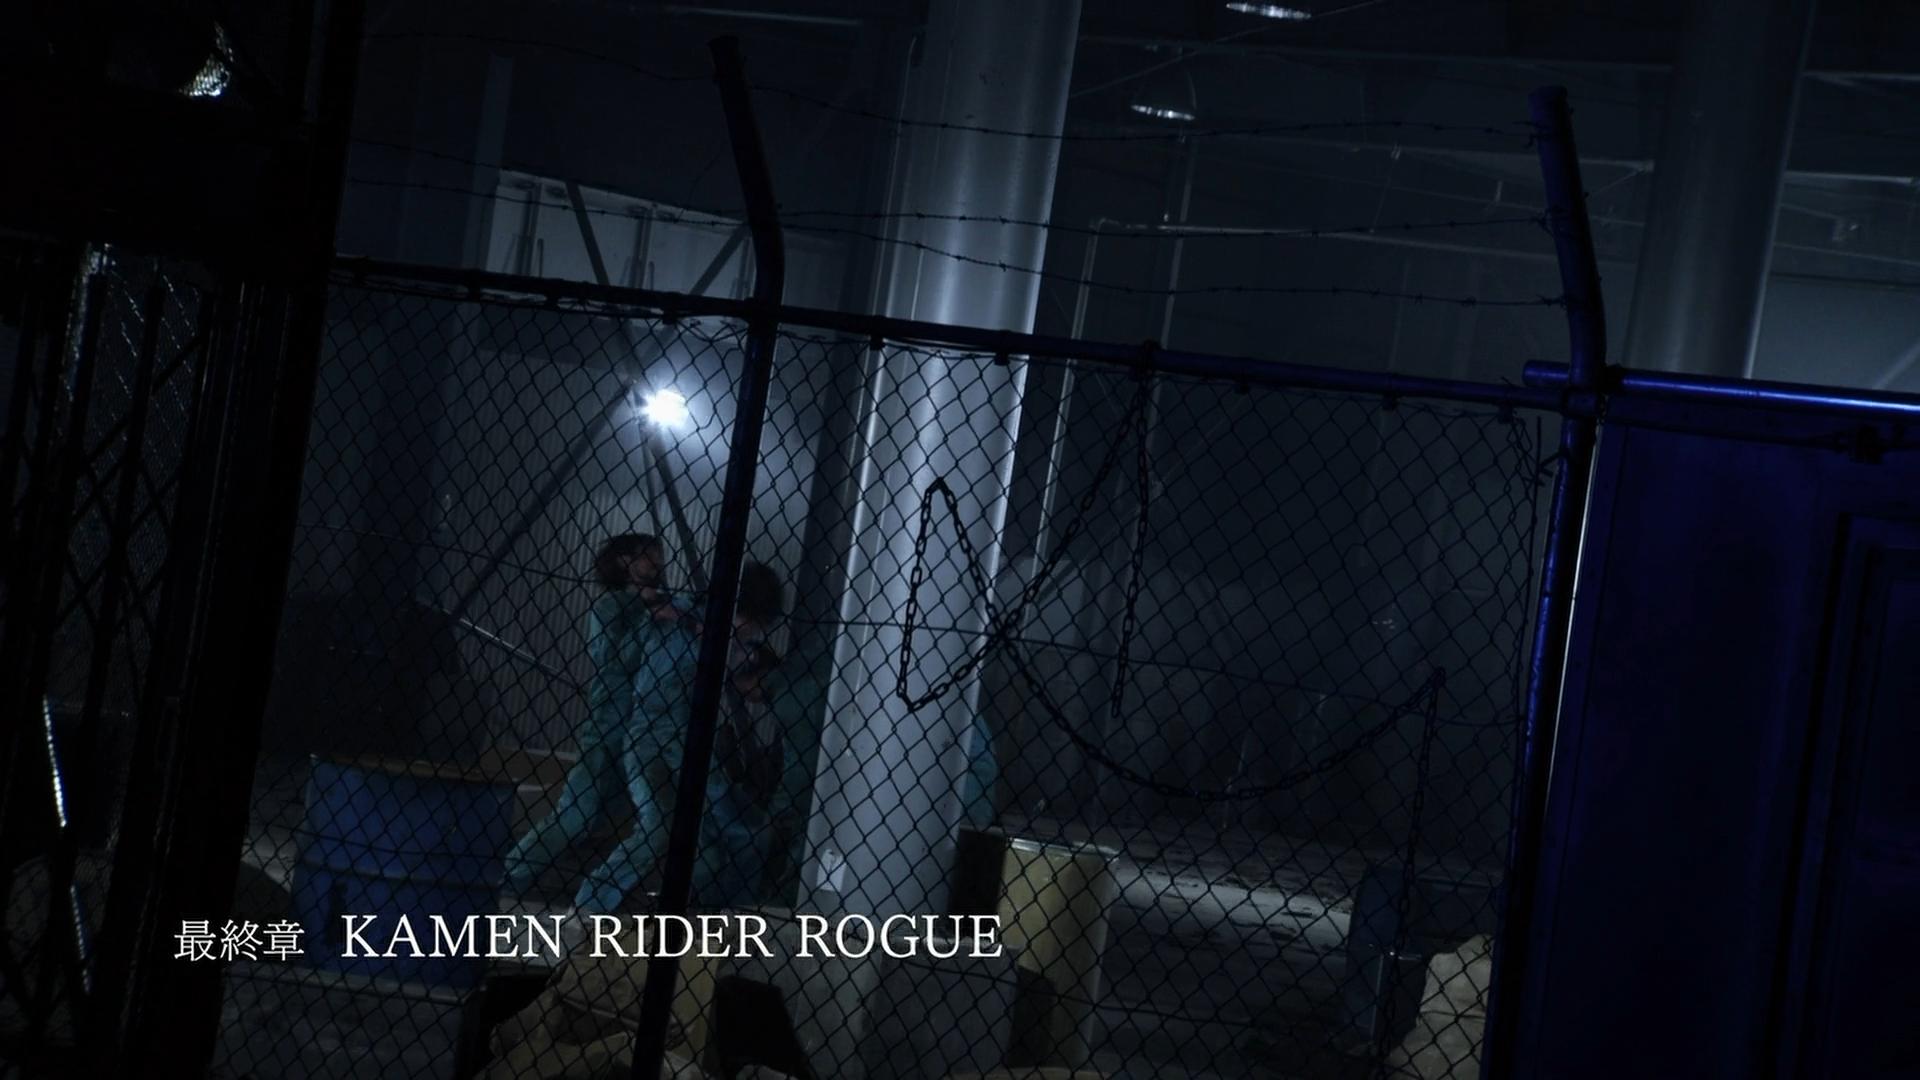 Final Chapter: KAMEN RIDER ROGUE